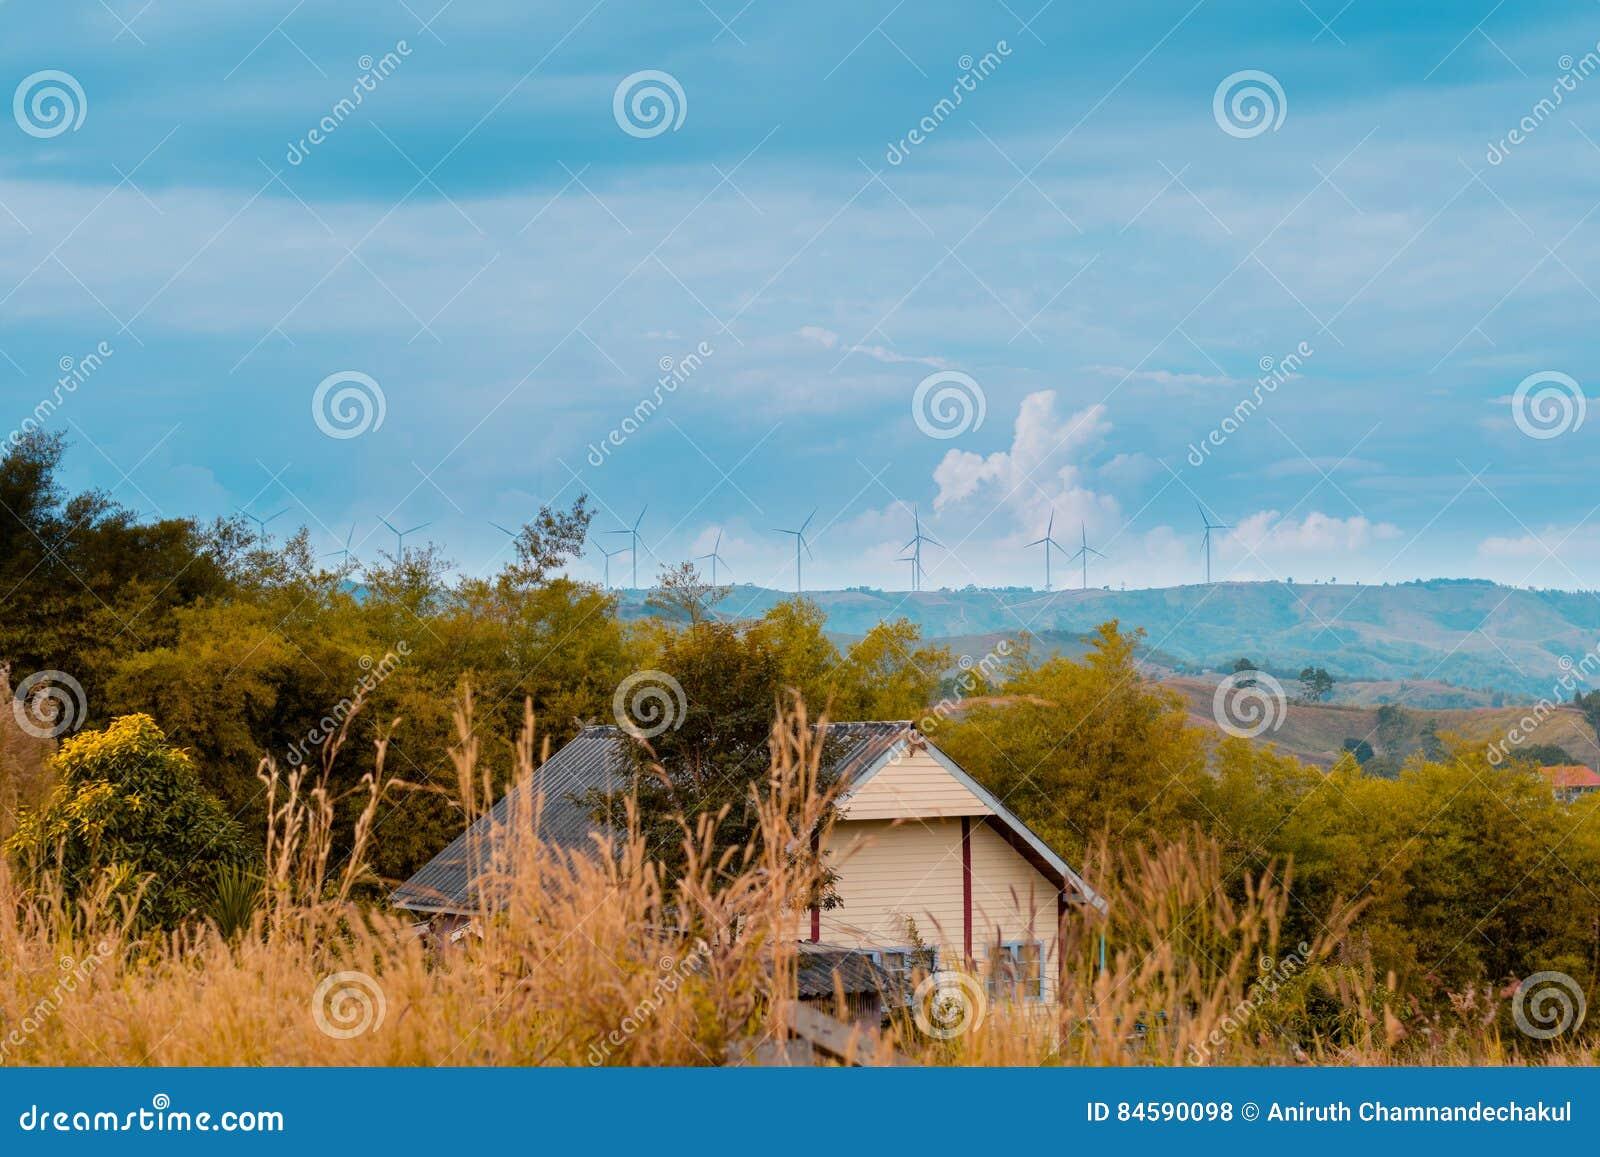 En otoño, turbinas y casa de viento en el prado